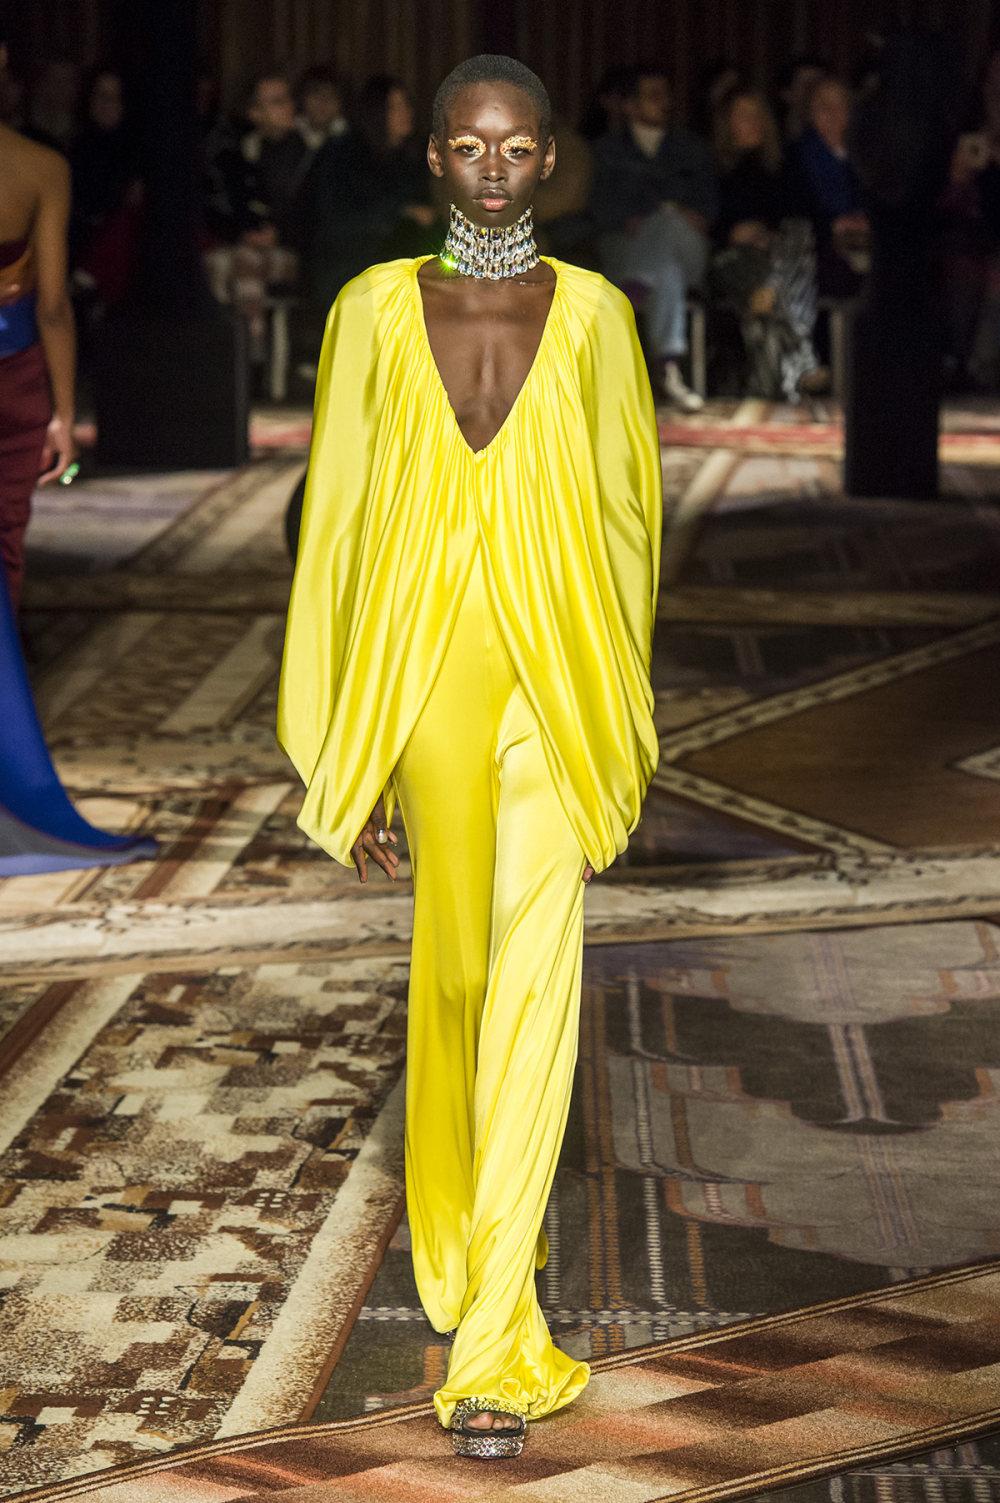 Halpern时装系列将幻想印花应用于宽大的缎面外套展示垂褶技巧-27.jpg